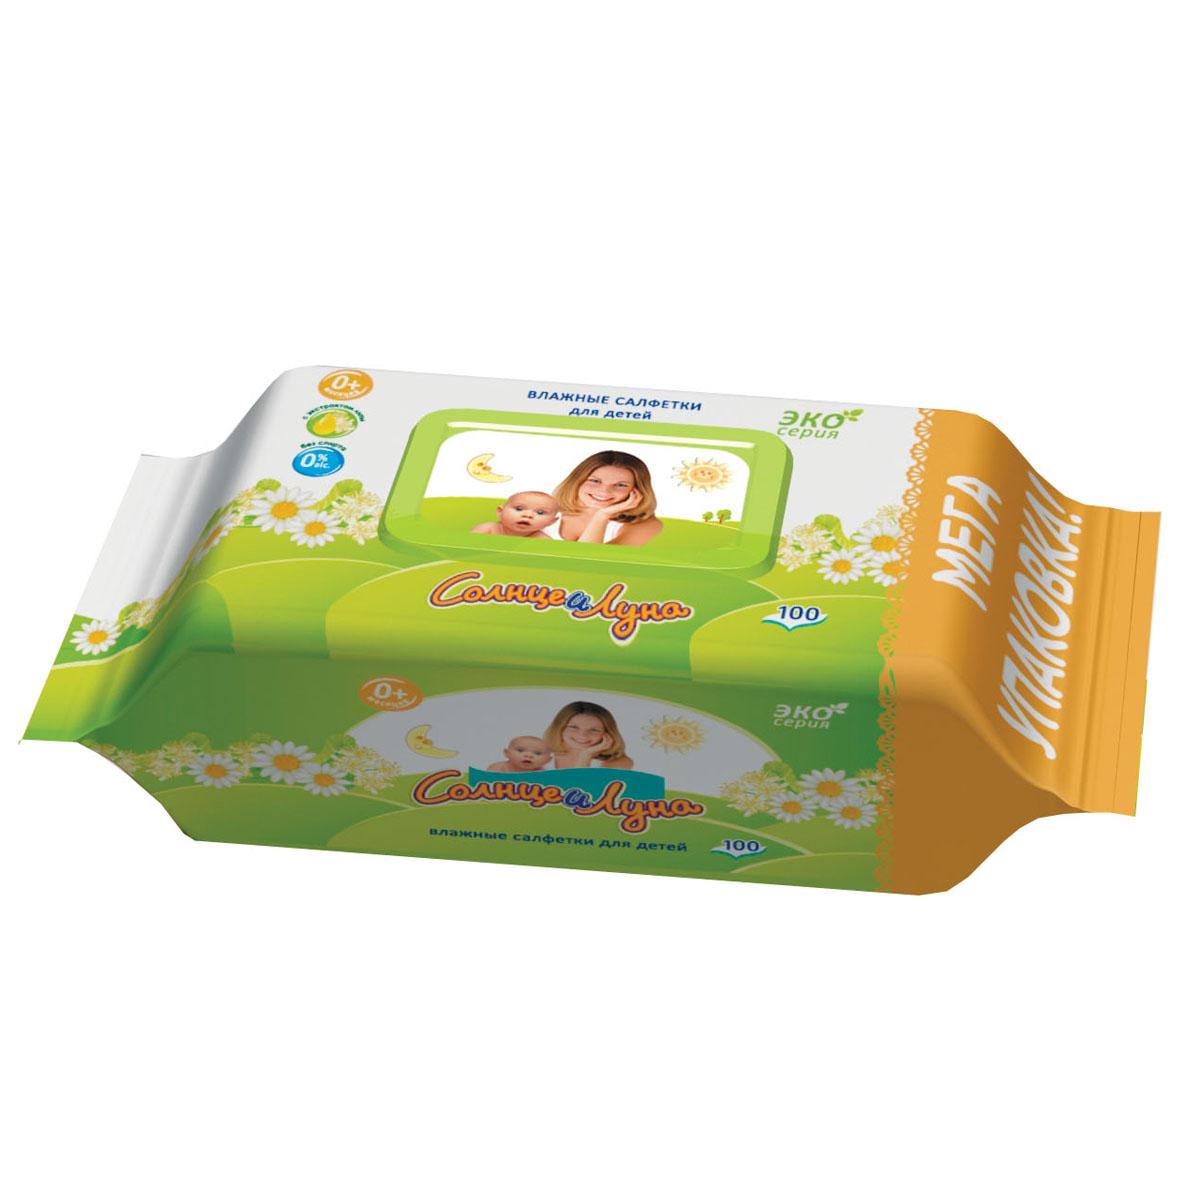 Солнце и Луна Влажные салфетки для детей, 100 шт5499Влажные салфетки для детей Солнце и Луна созданы специально для очищения нежной детской кожи.Основные качества влажных салфеток для детей:Нежные салфетки очищают и увлажняют кожу малыша, обладают антисептическими свойствами. Материал салфетки пропитан гипоаллергенным составом, поддерживающим естественный рН баланс кожи ребенка. Не содержат спирта и не вызывают аллергии или раздражения. Незаменимы для ежедневного ухода за кожей ребенка. Характеристики:Размер упаковки: 19 см х 8 см х 10 см. Количество салфеток: 100 шт. Производитель:Турция Товар сертифицирован.